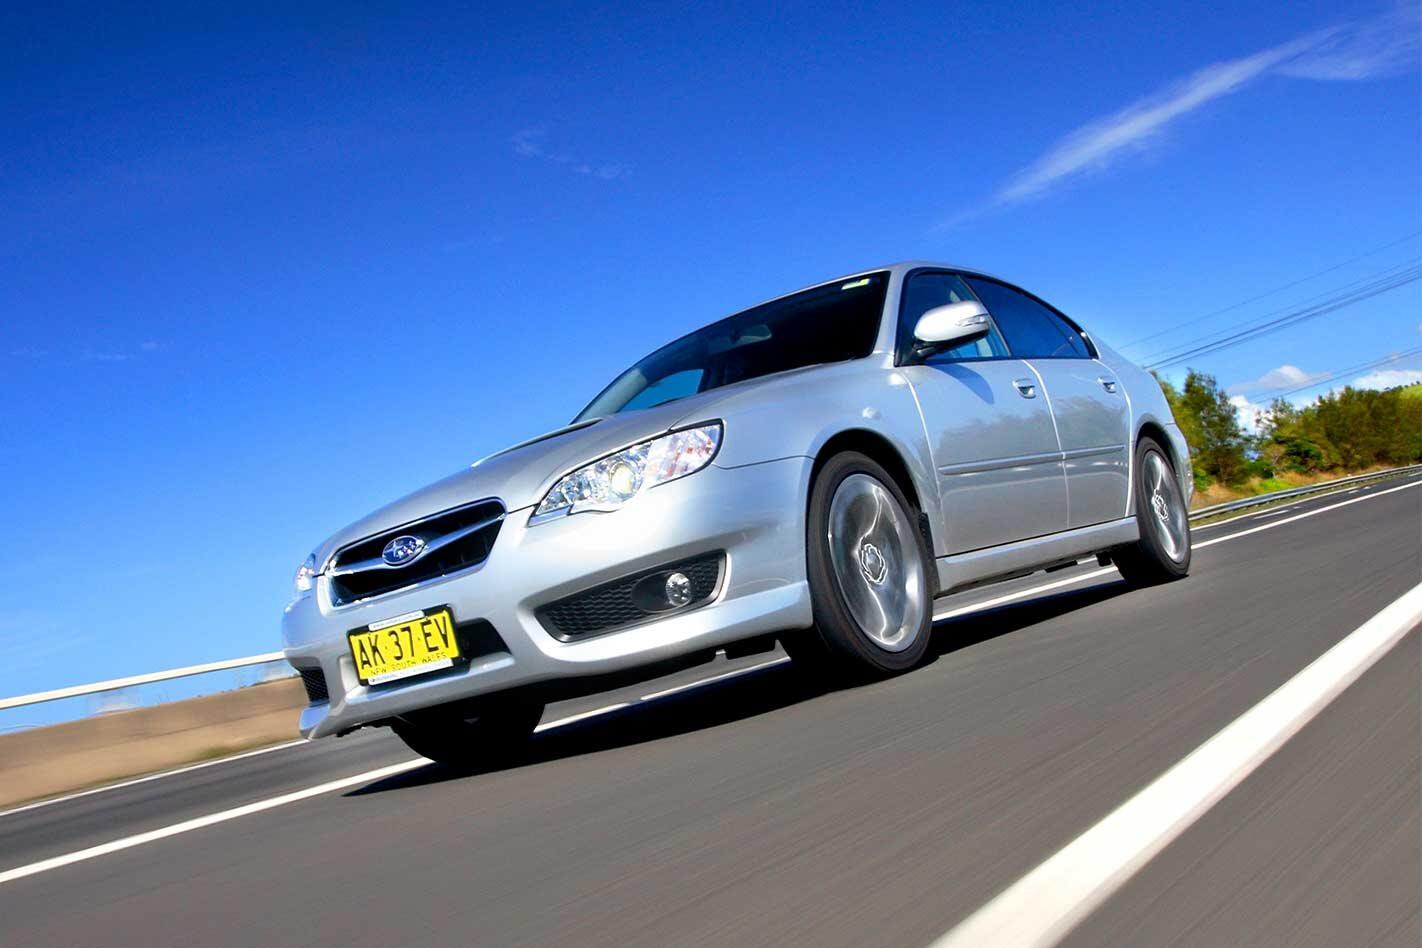 2007 Subaru Liberty GT Spec B review